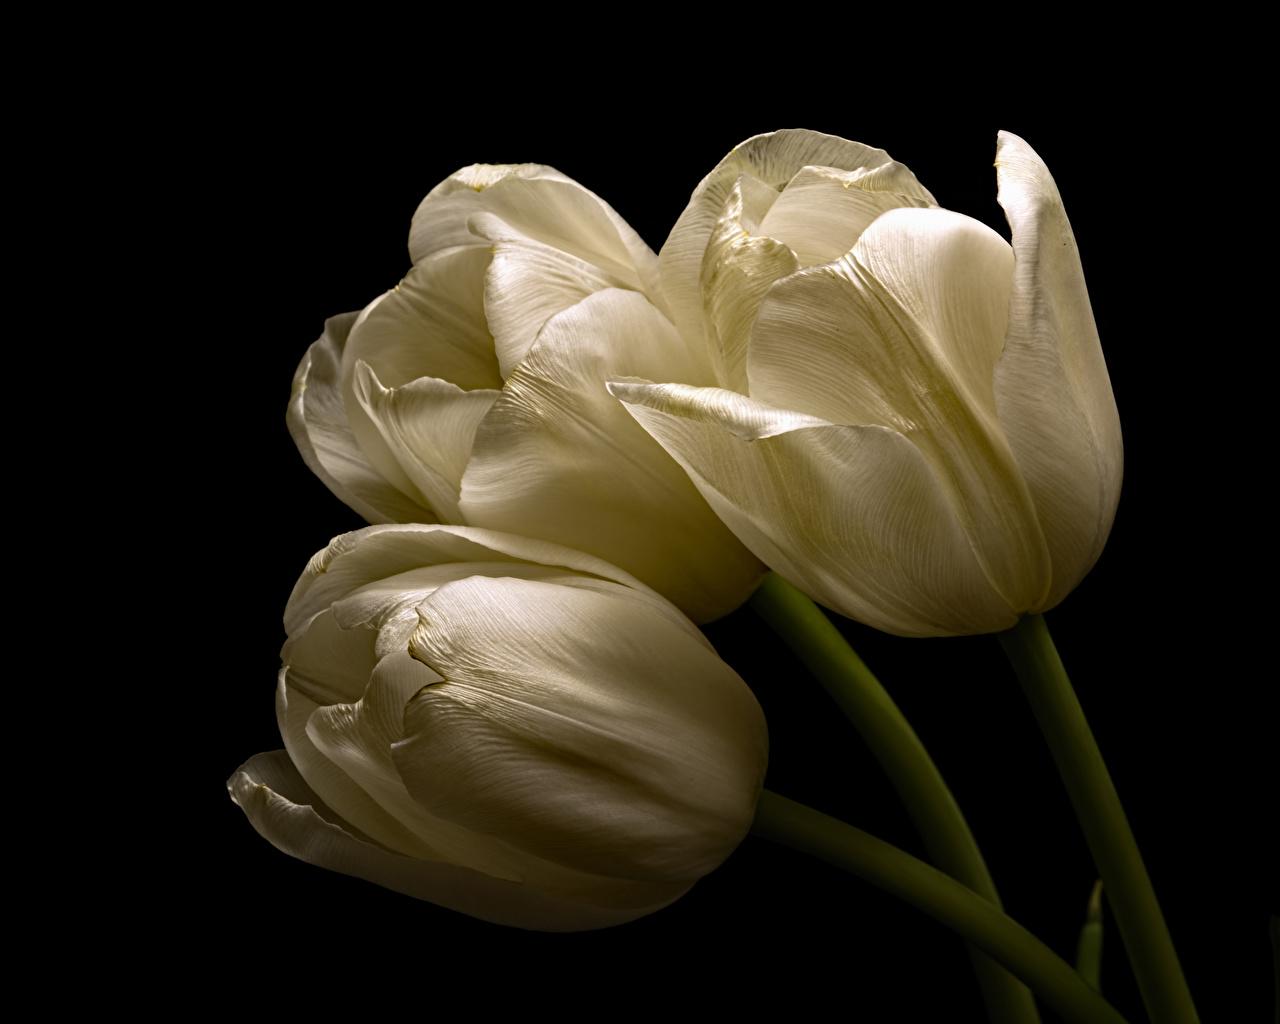 Fotos von Weiß Tulpen Blüte Drei 3 hautnah Schwarzer Hintergrund Blumen Nahaufnahme Großansicht